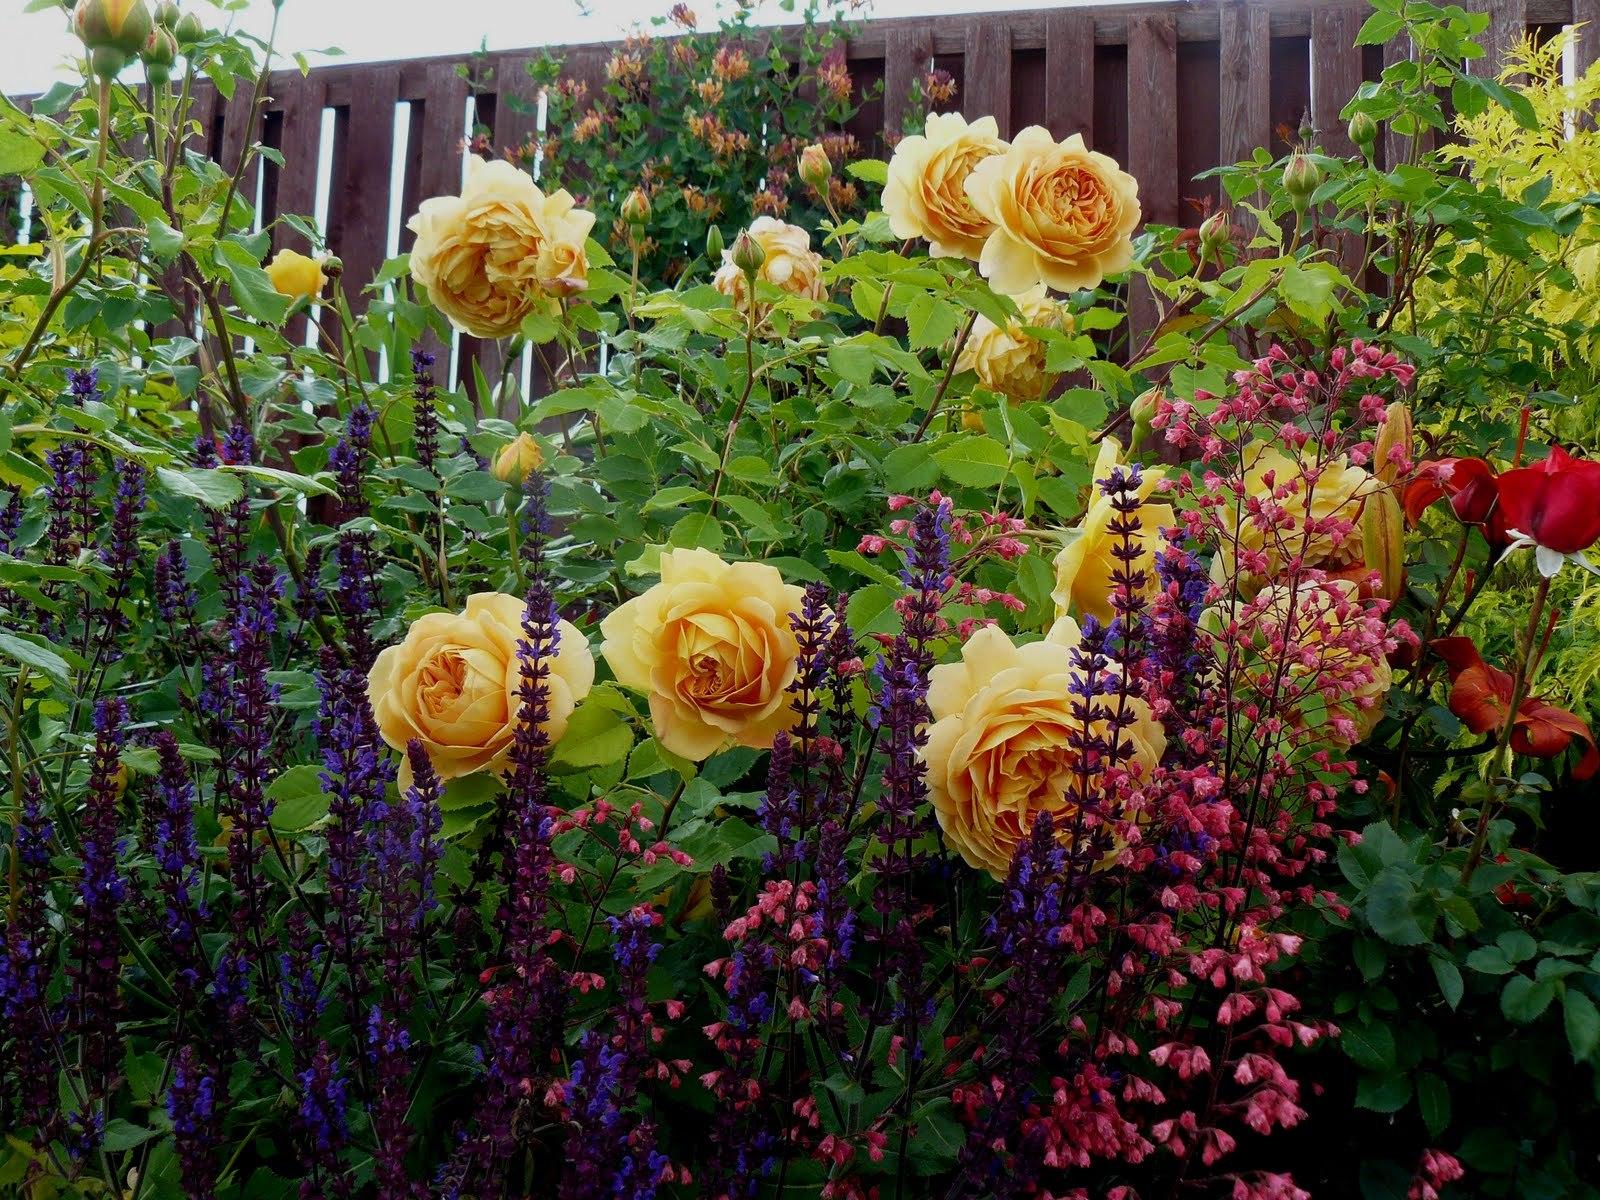 При соблюдении некоторых условий, смешанные посадки очень эффектны, и выглядят неординарно и не так строго, как консервативные классические. Такие цветники называются пейзажными(естественными).